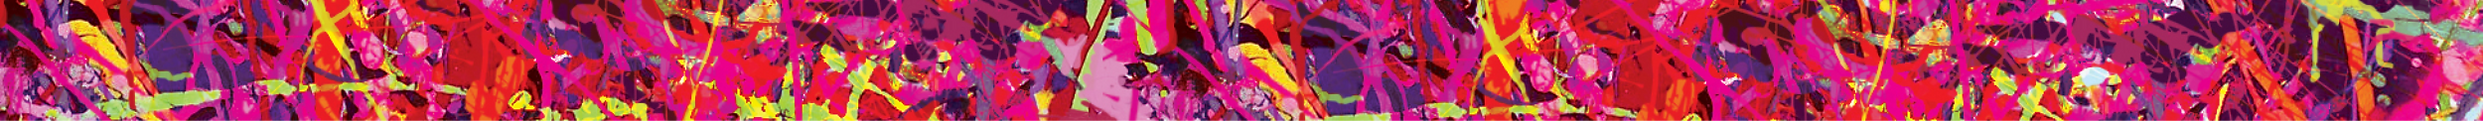 Paint Splatter BANNER_edited.png